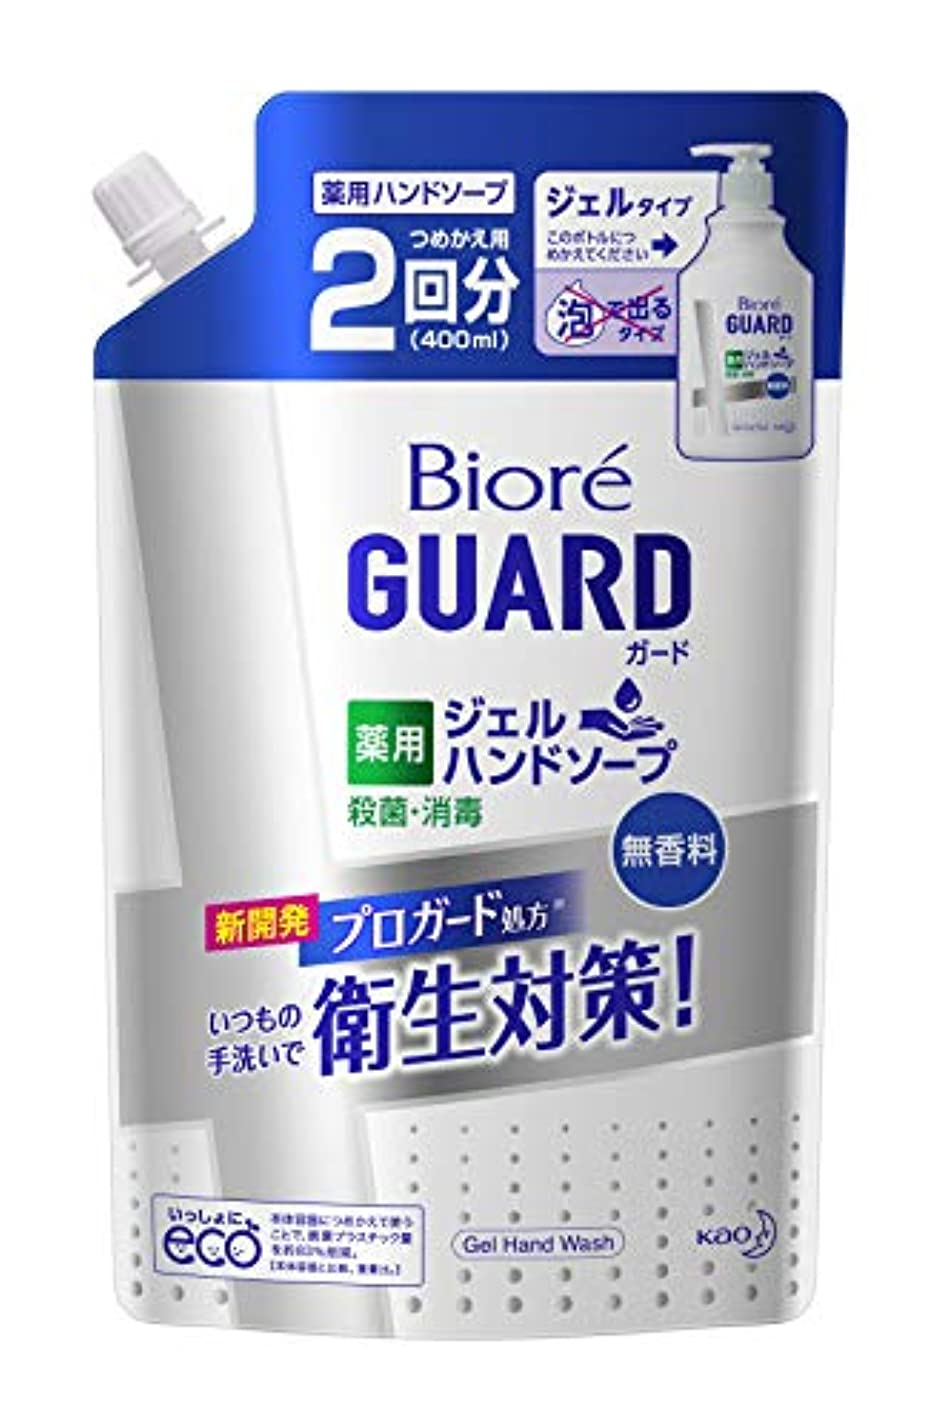 ラショナルアーサーコナンドイル相関するビオレ GUARD ハンドジェルソープ つめかえ用 無香料 400ml